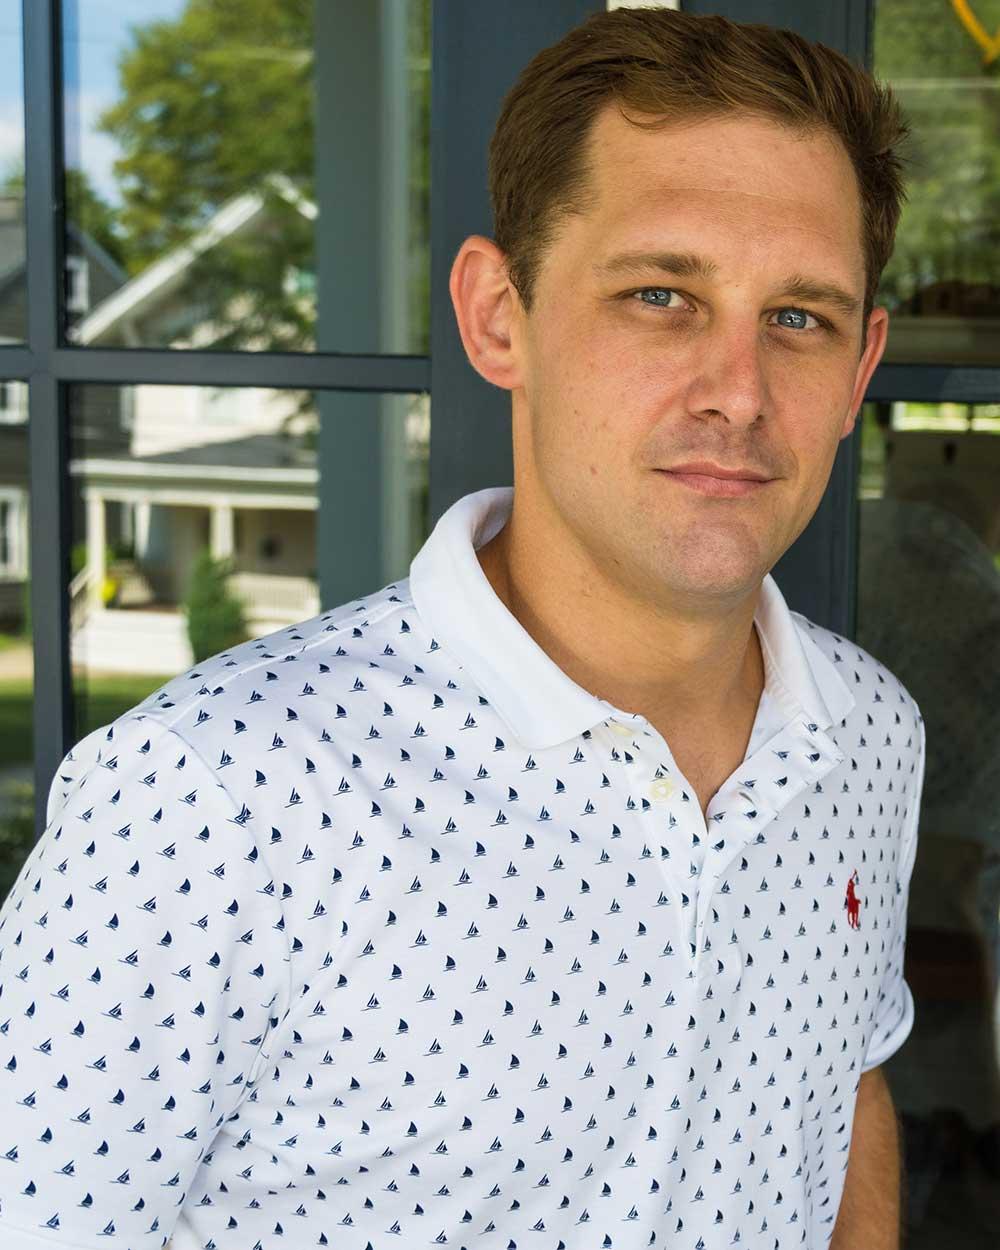 Zach Burns